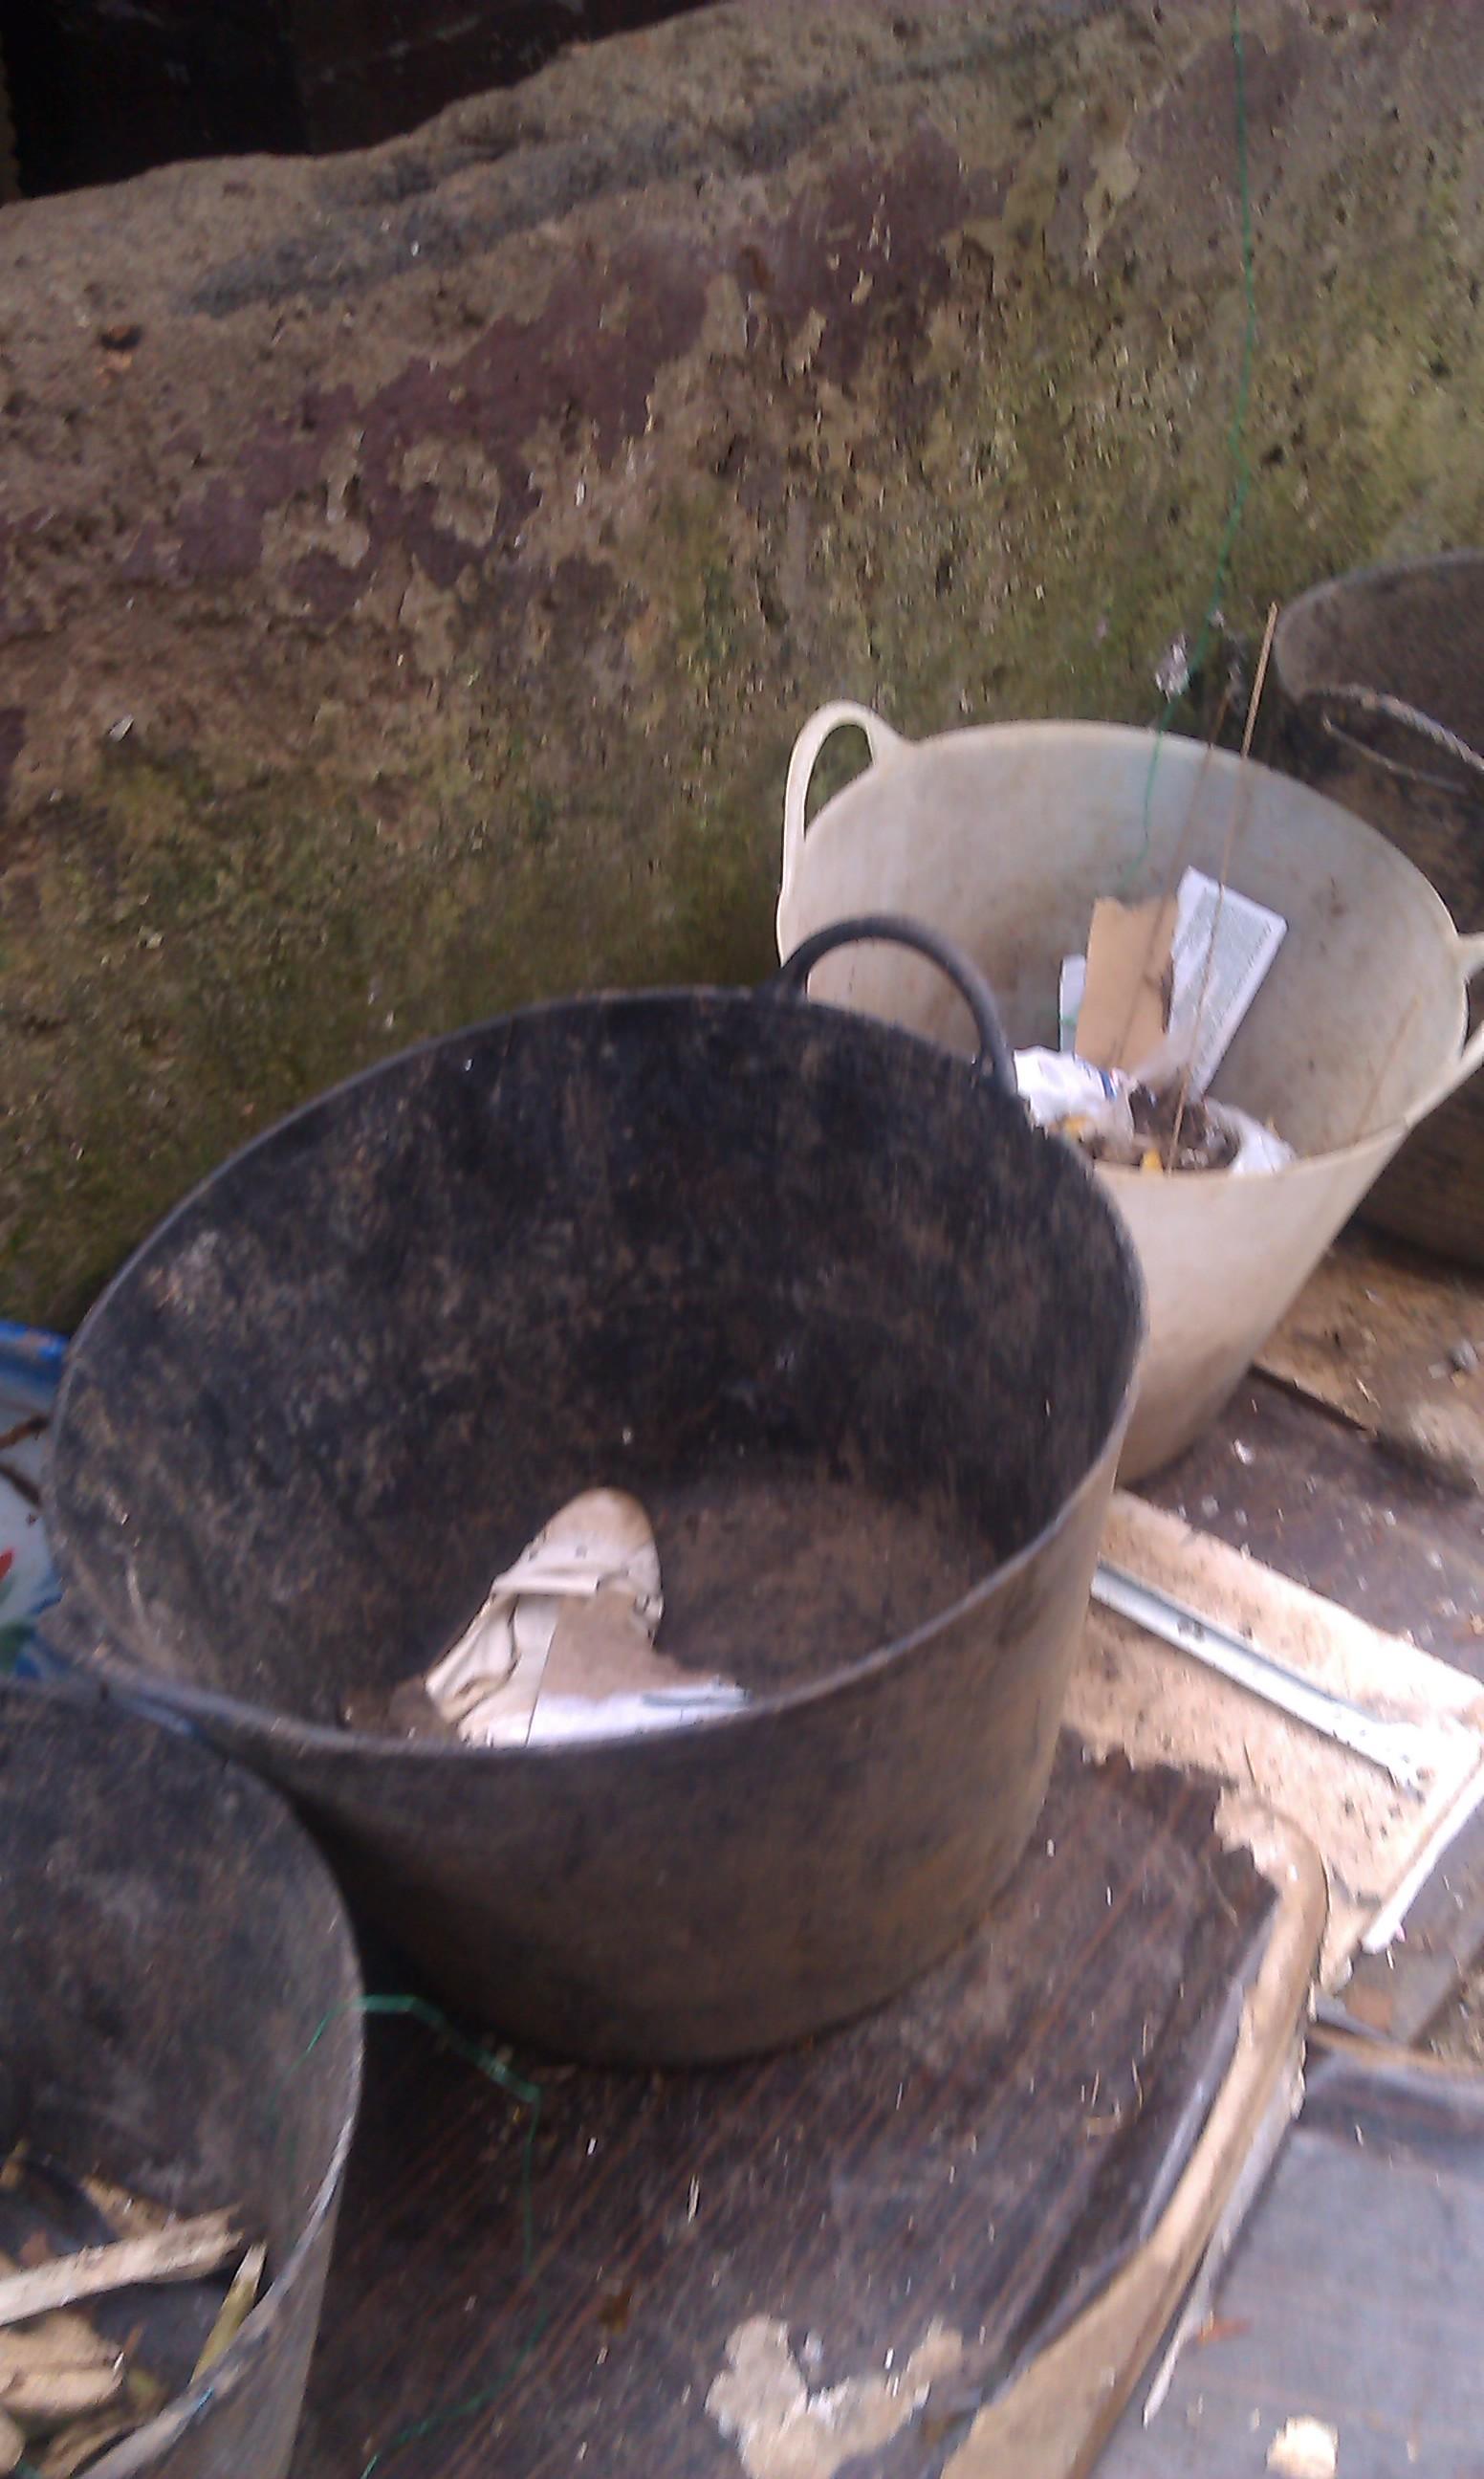 El de los cubos de basura es para el apartado de LA BASUR, ...UNA COMPAÑERA